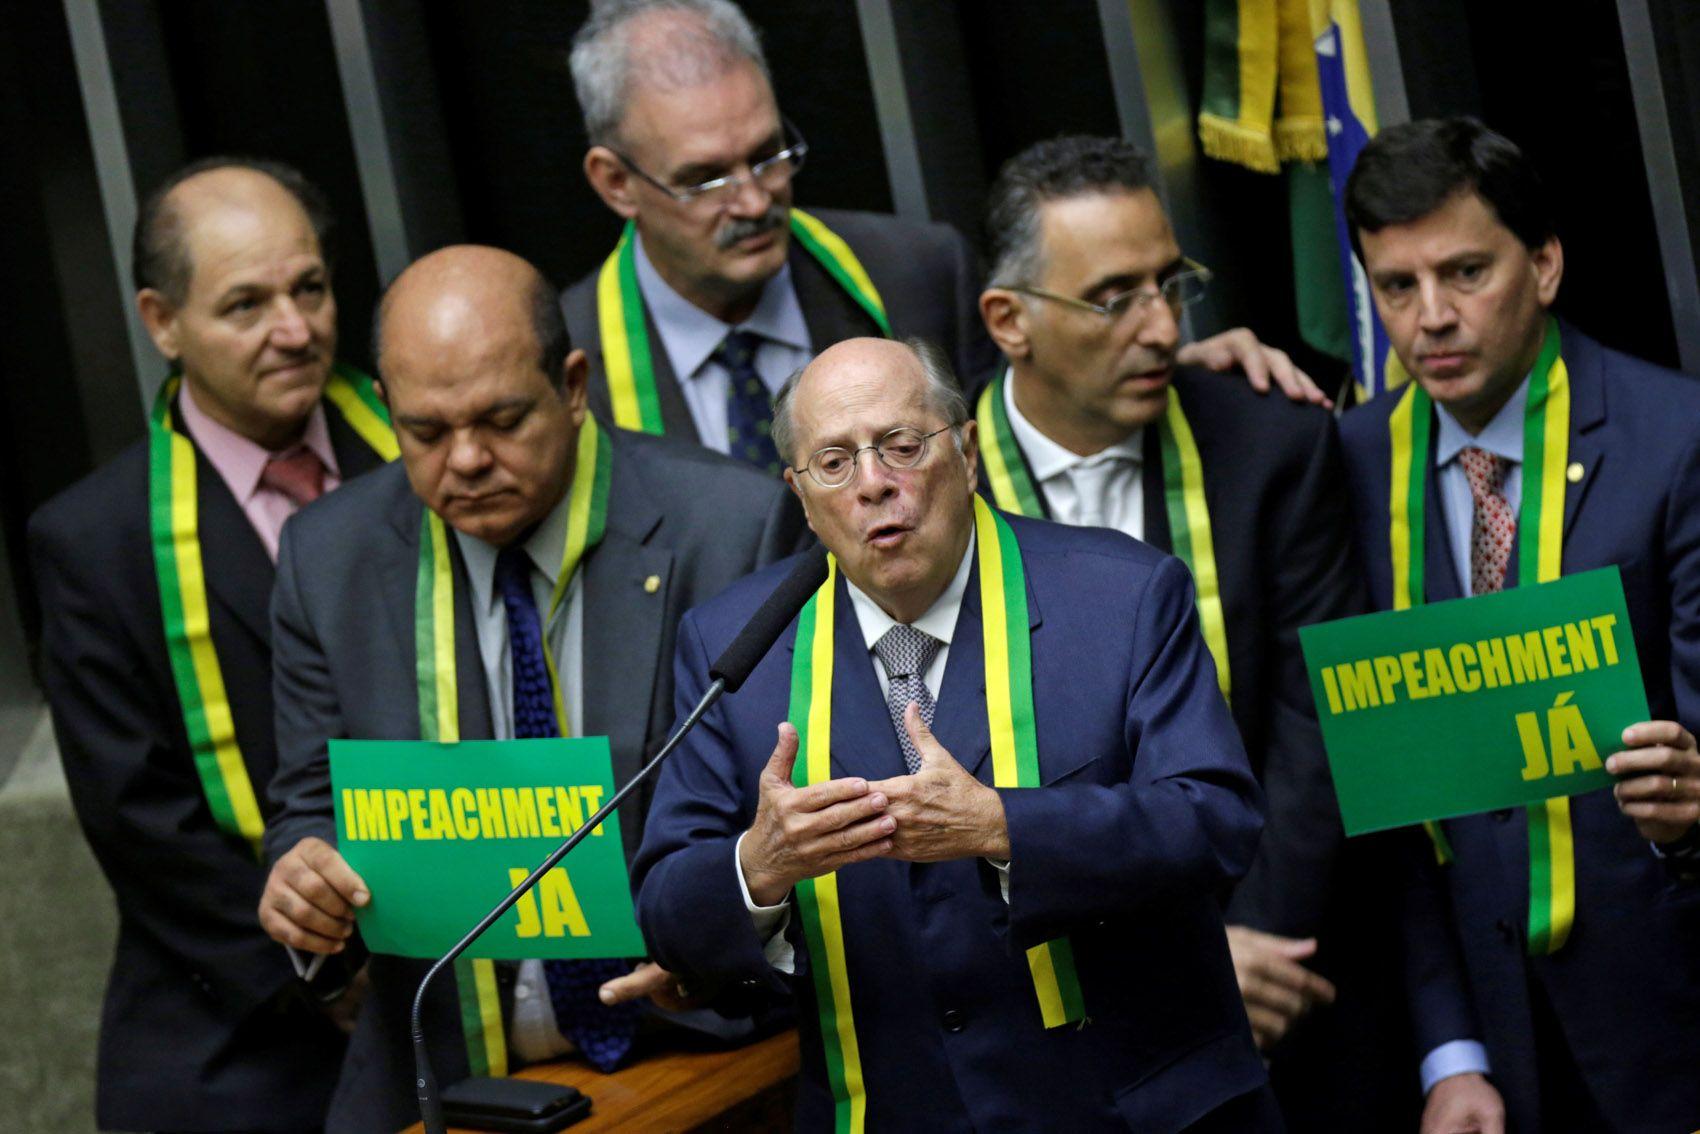 15/04 - Jurista Miguel Reale Jr. no plenário da Câmara dos Deputados, em Brasília